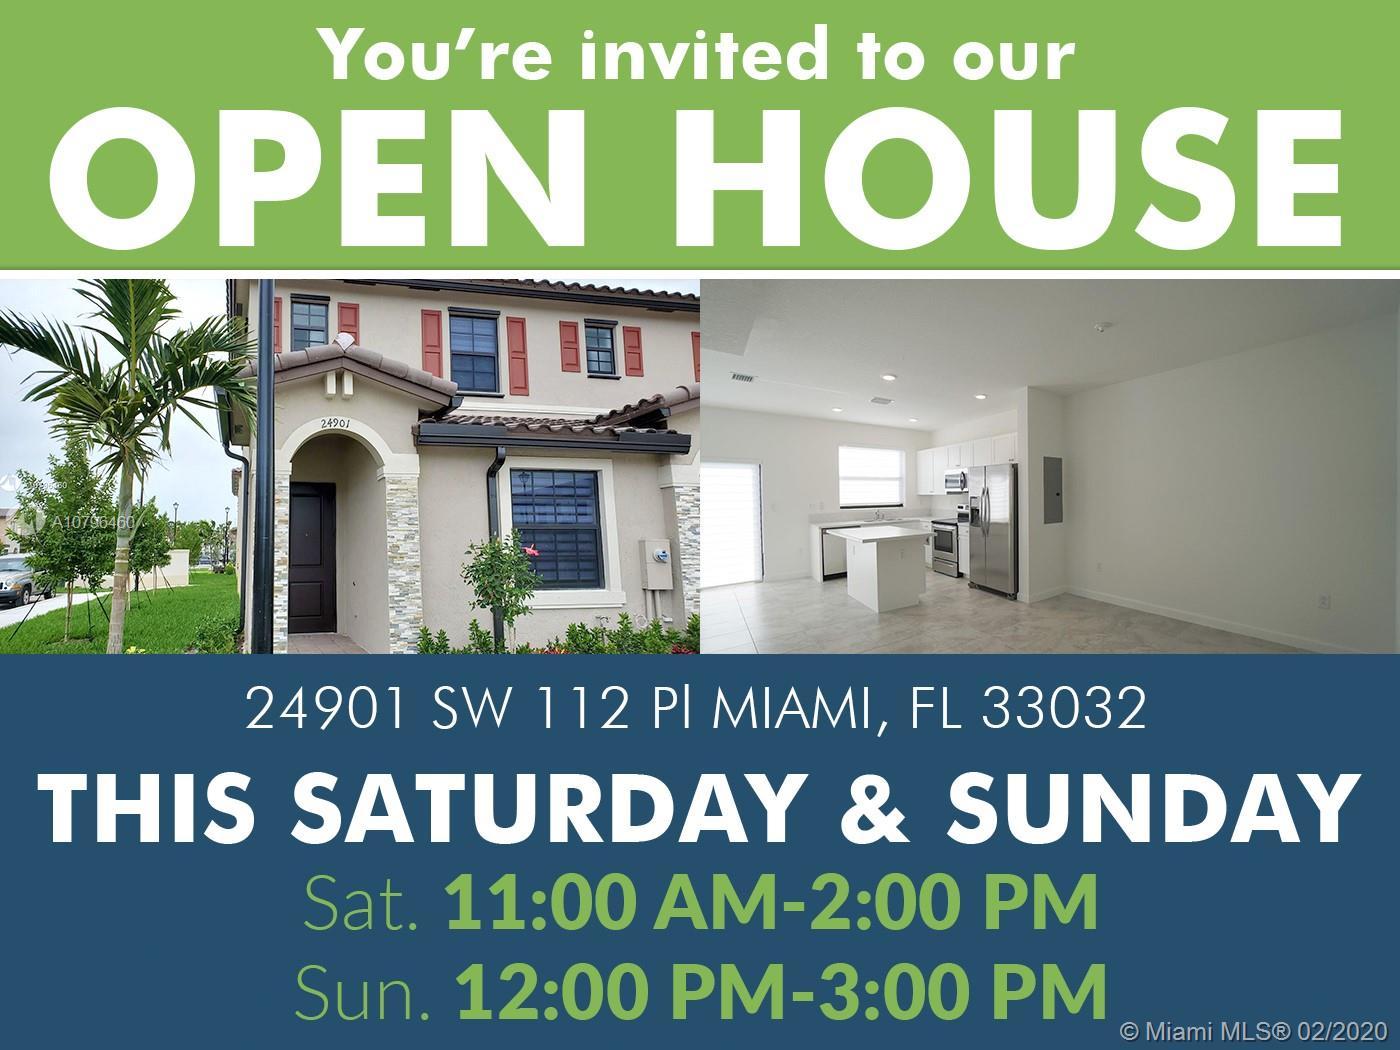 24901 SW 112 PL, Miami, FL 33032 - Miami, FL real estate listing